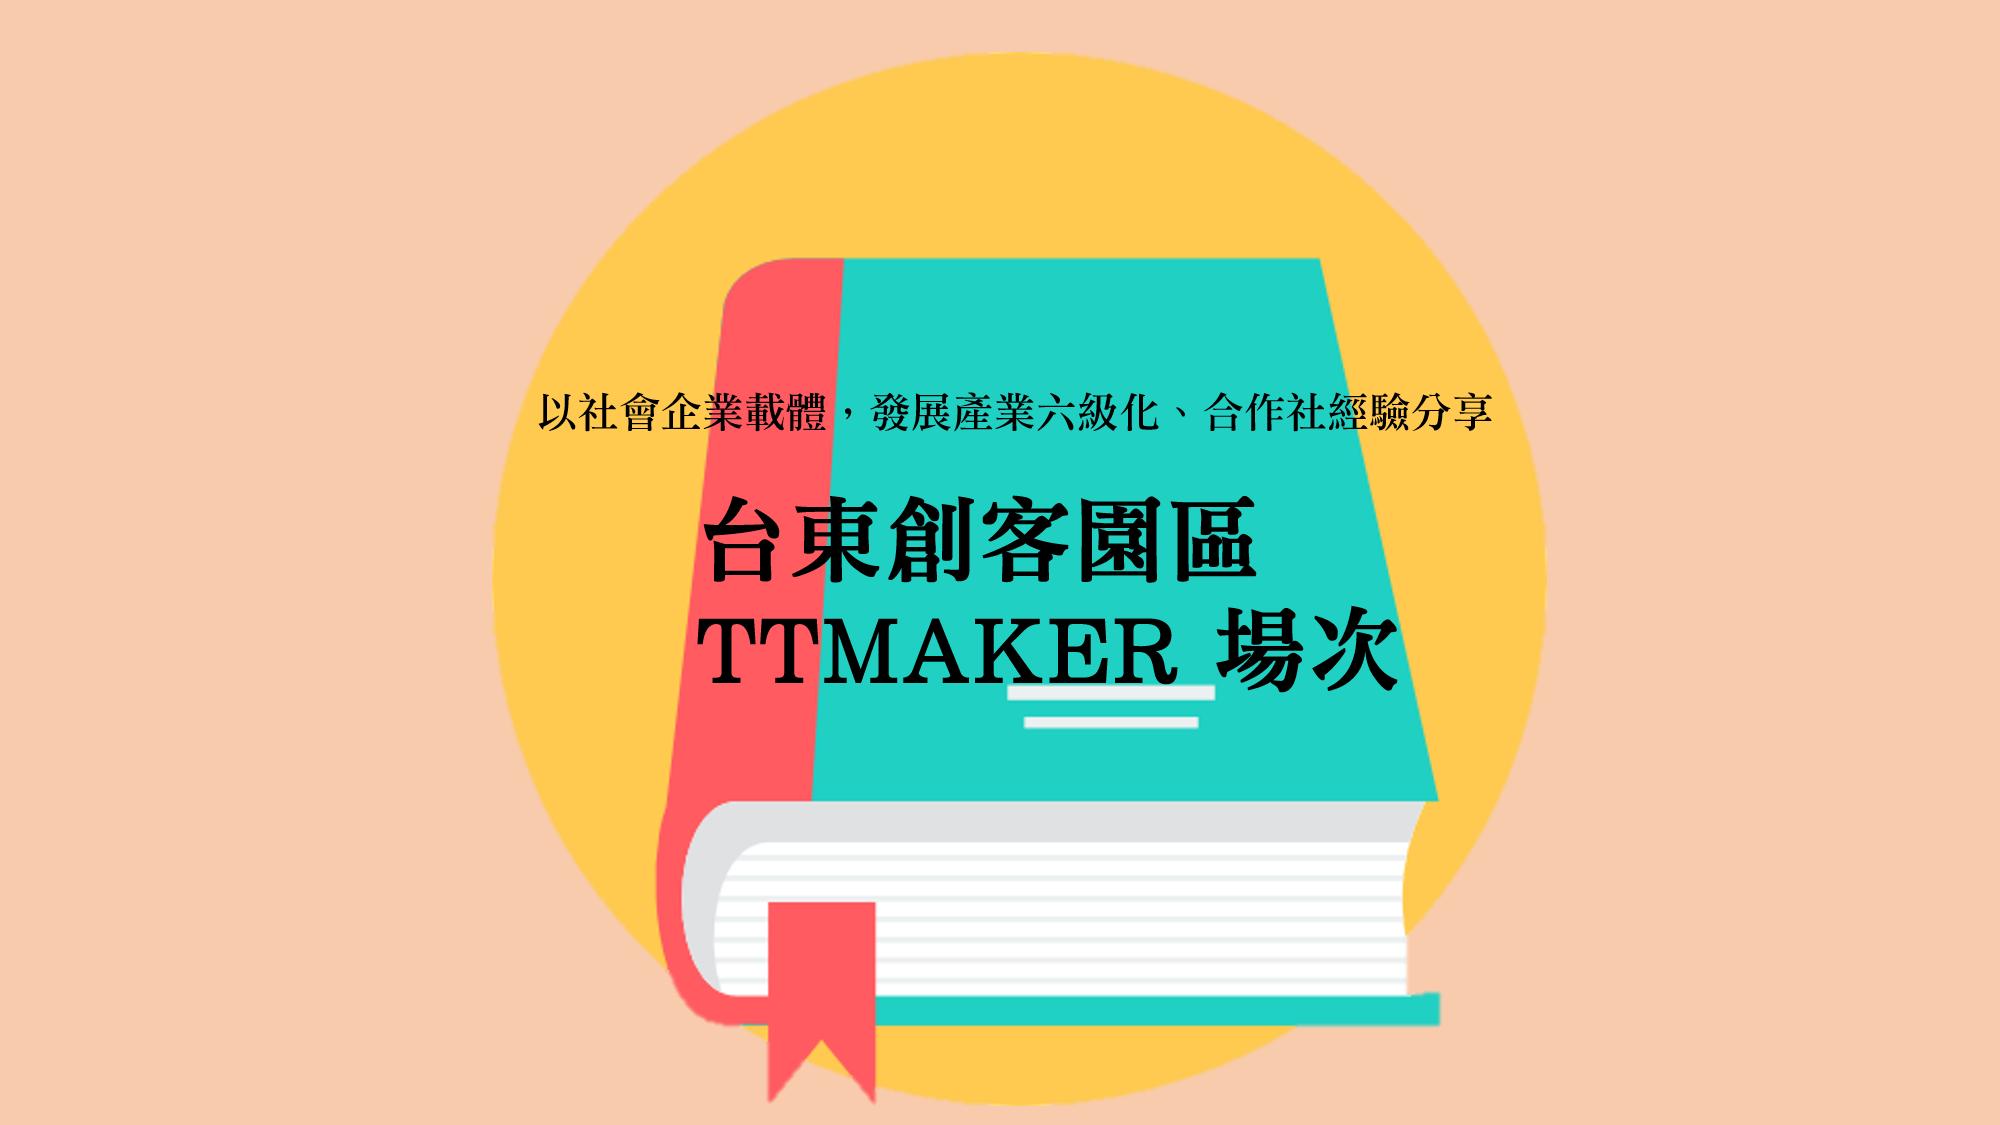 以社會企業載體,發展產業6級化、合作社經驗分享-台東創客園區 TTMaker原創基地 場次